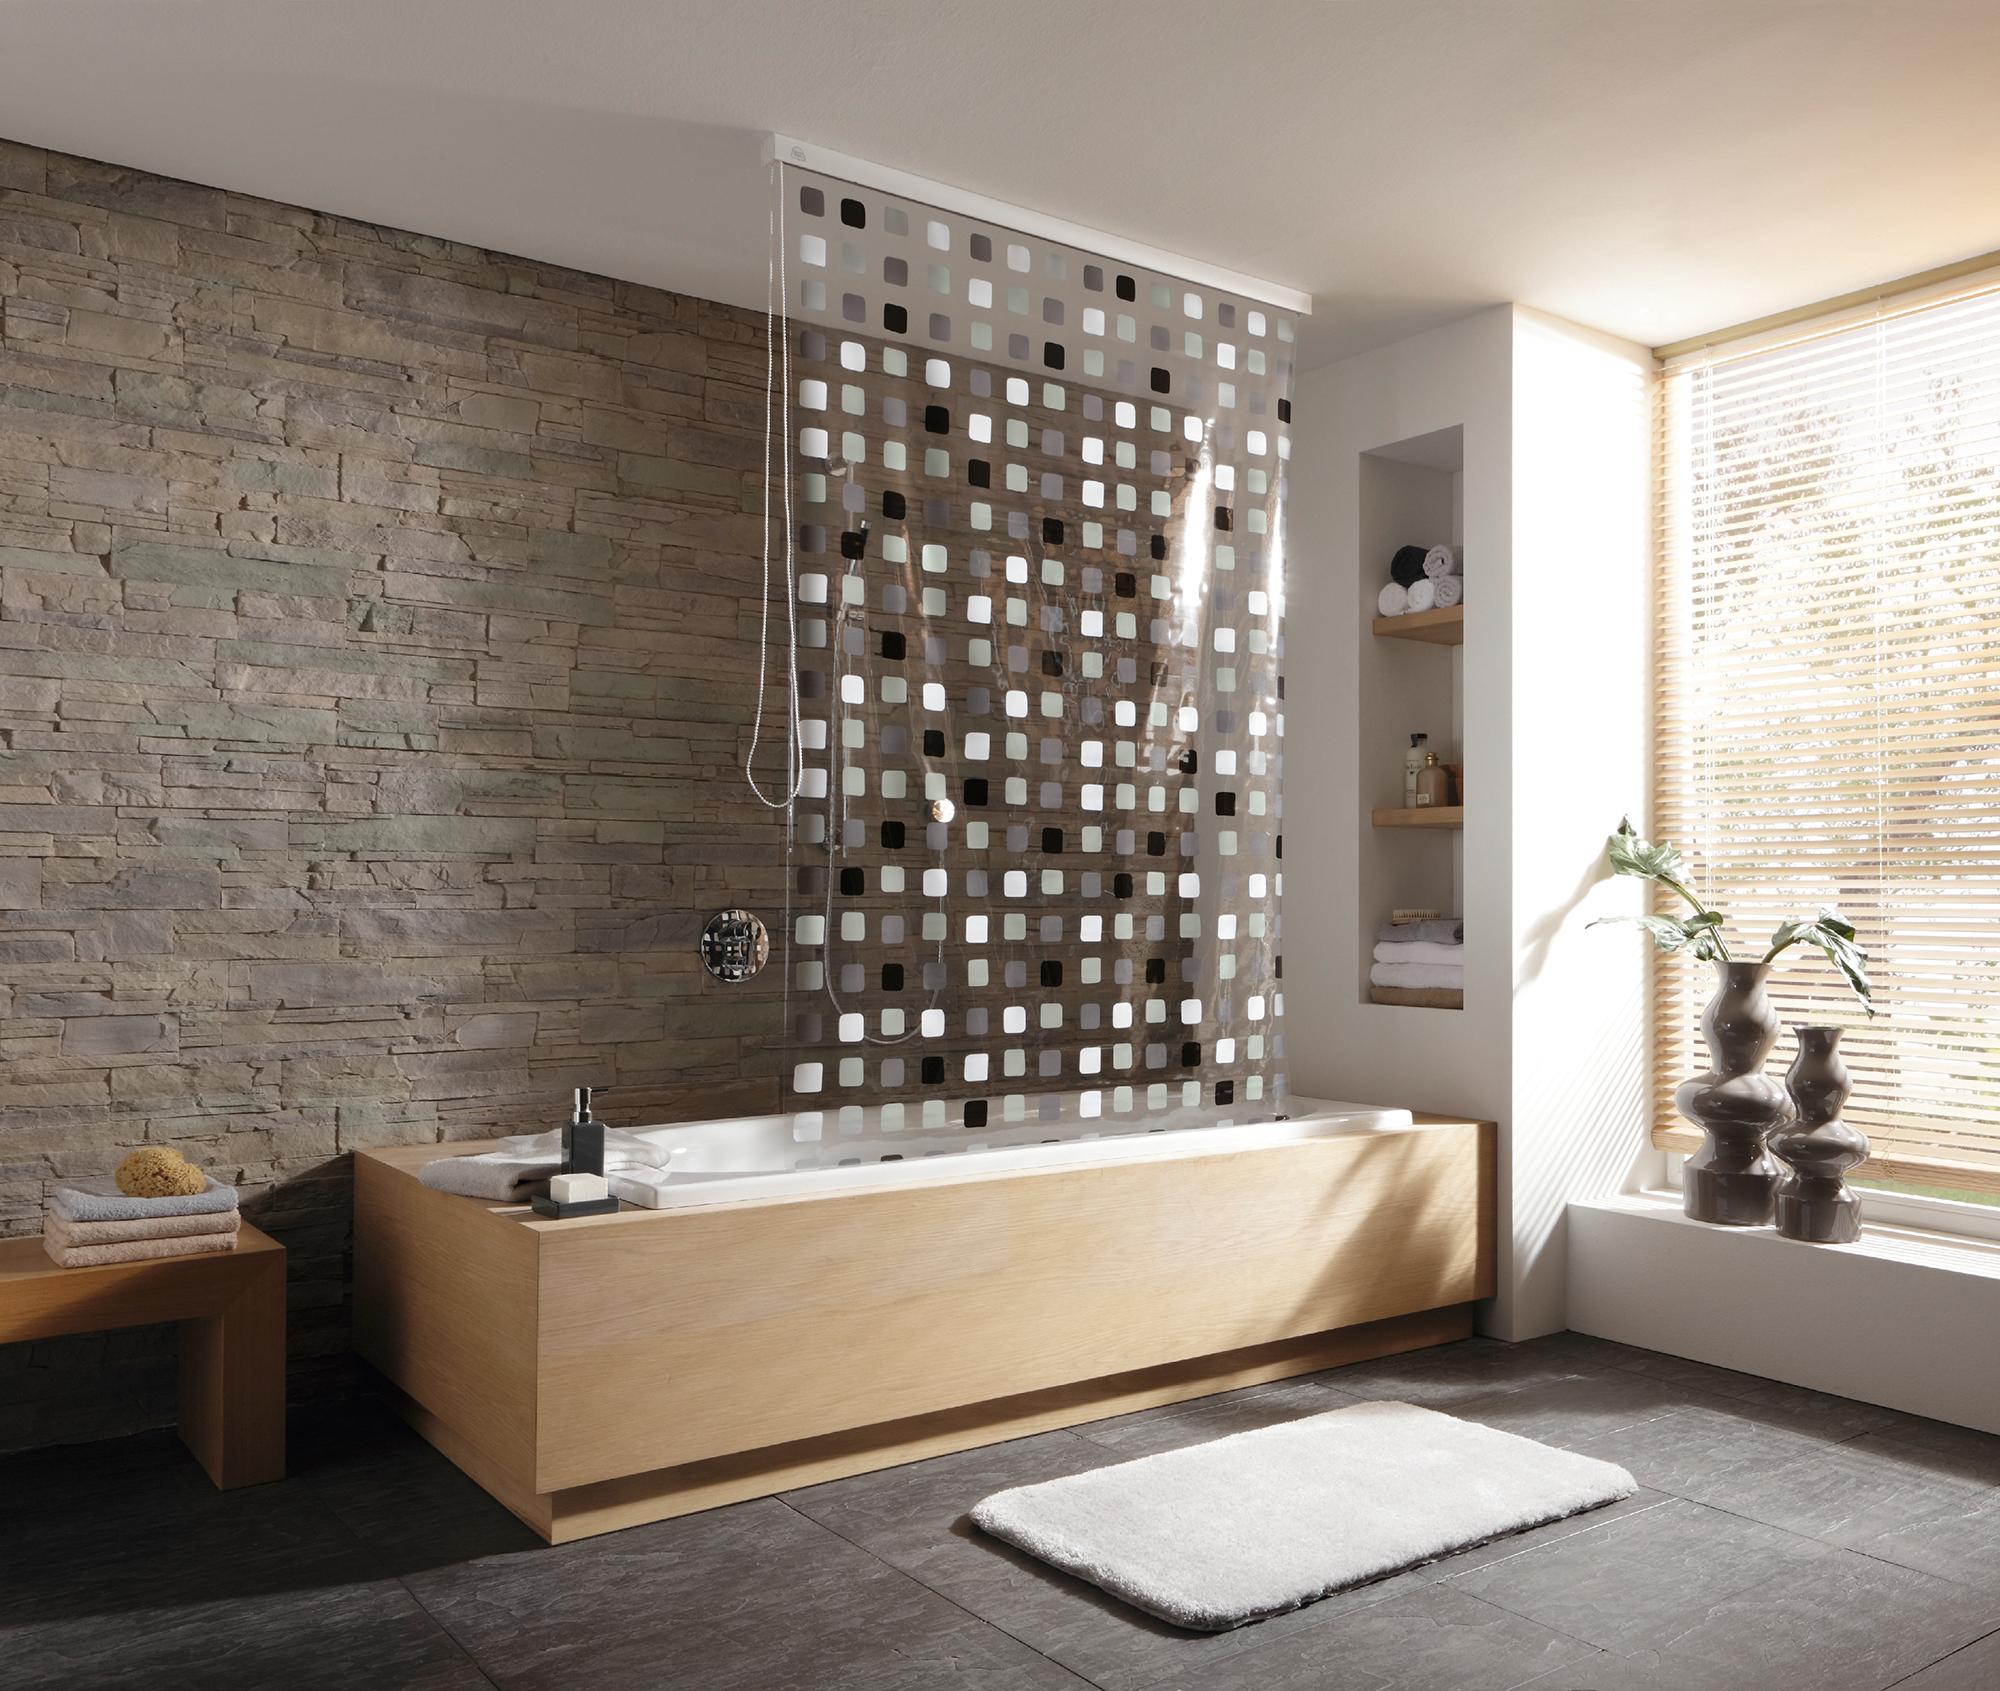 Praktischer Duschvorhang Der Einfach Zu Montieren Und Fur Ein Aufgeraumtes Ambiente Im Badezimmer Sorgt Der Duschrollo Duschvorhang Ideen Badewanne Vorhang